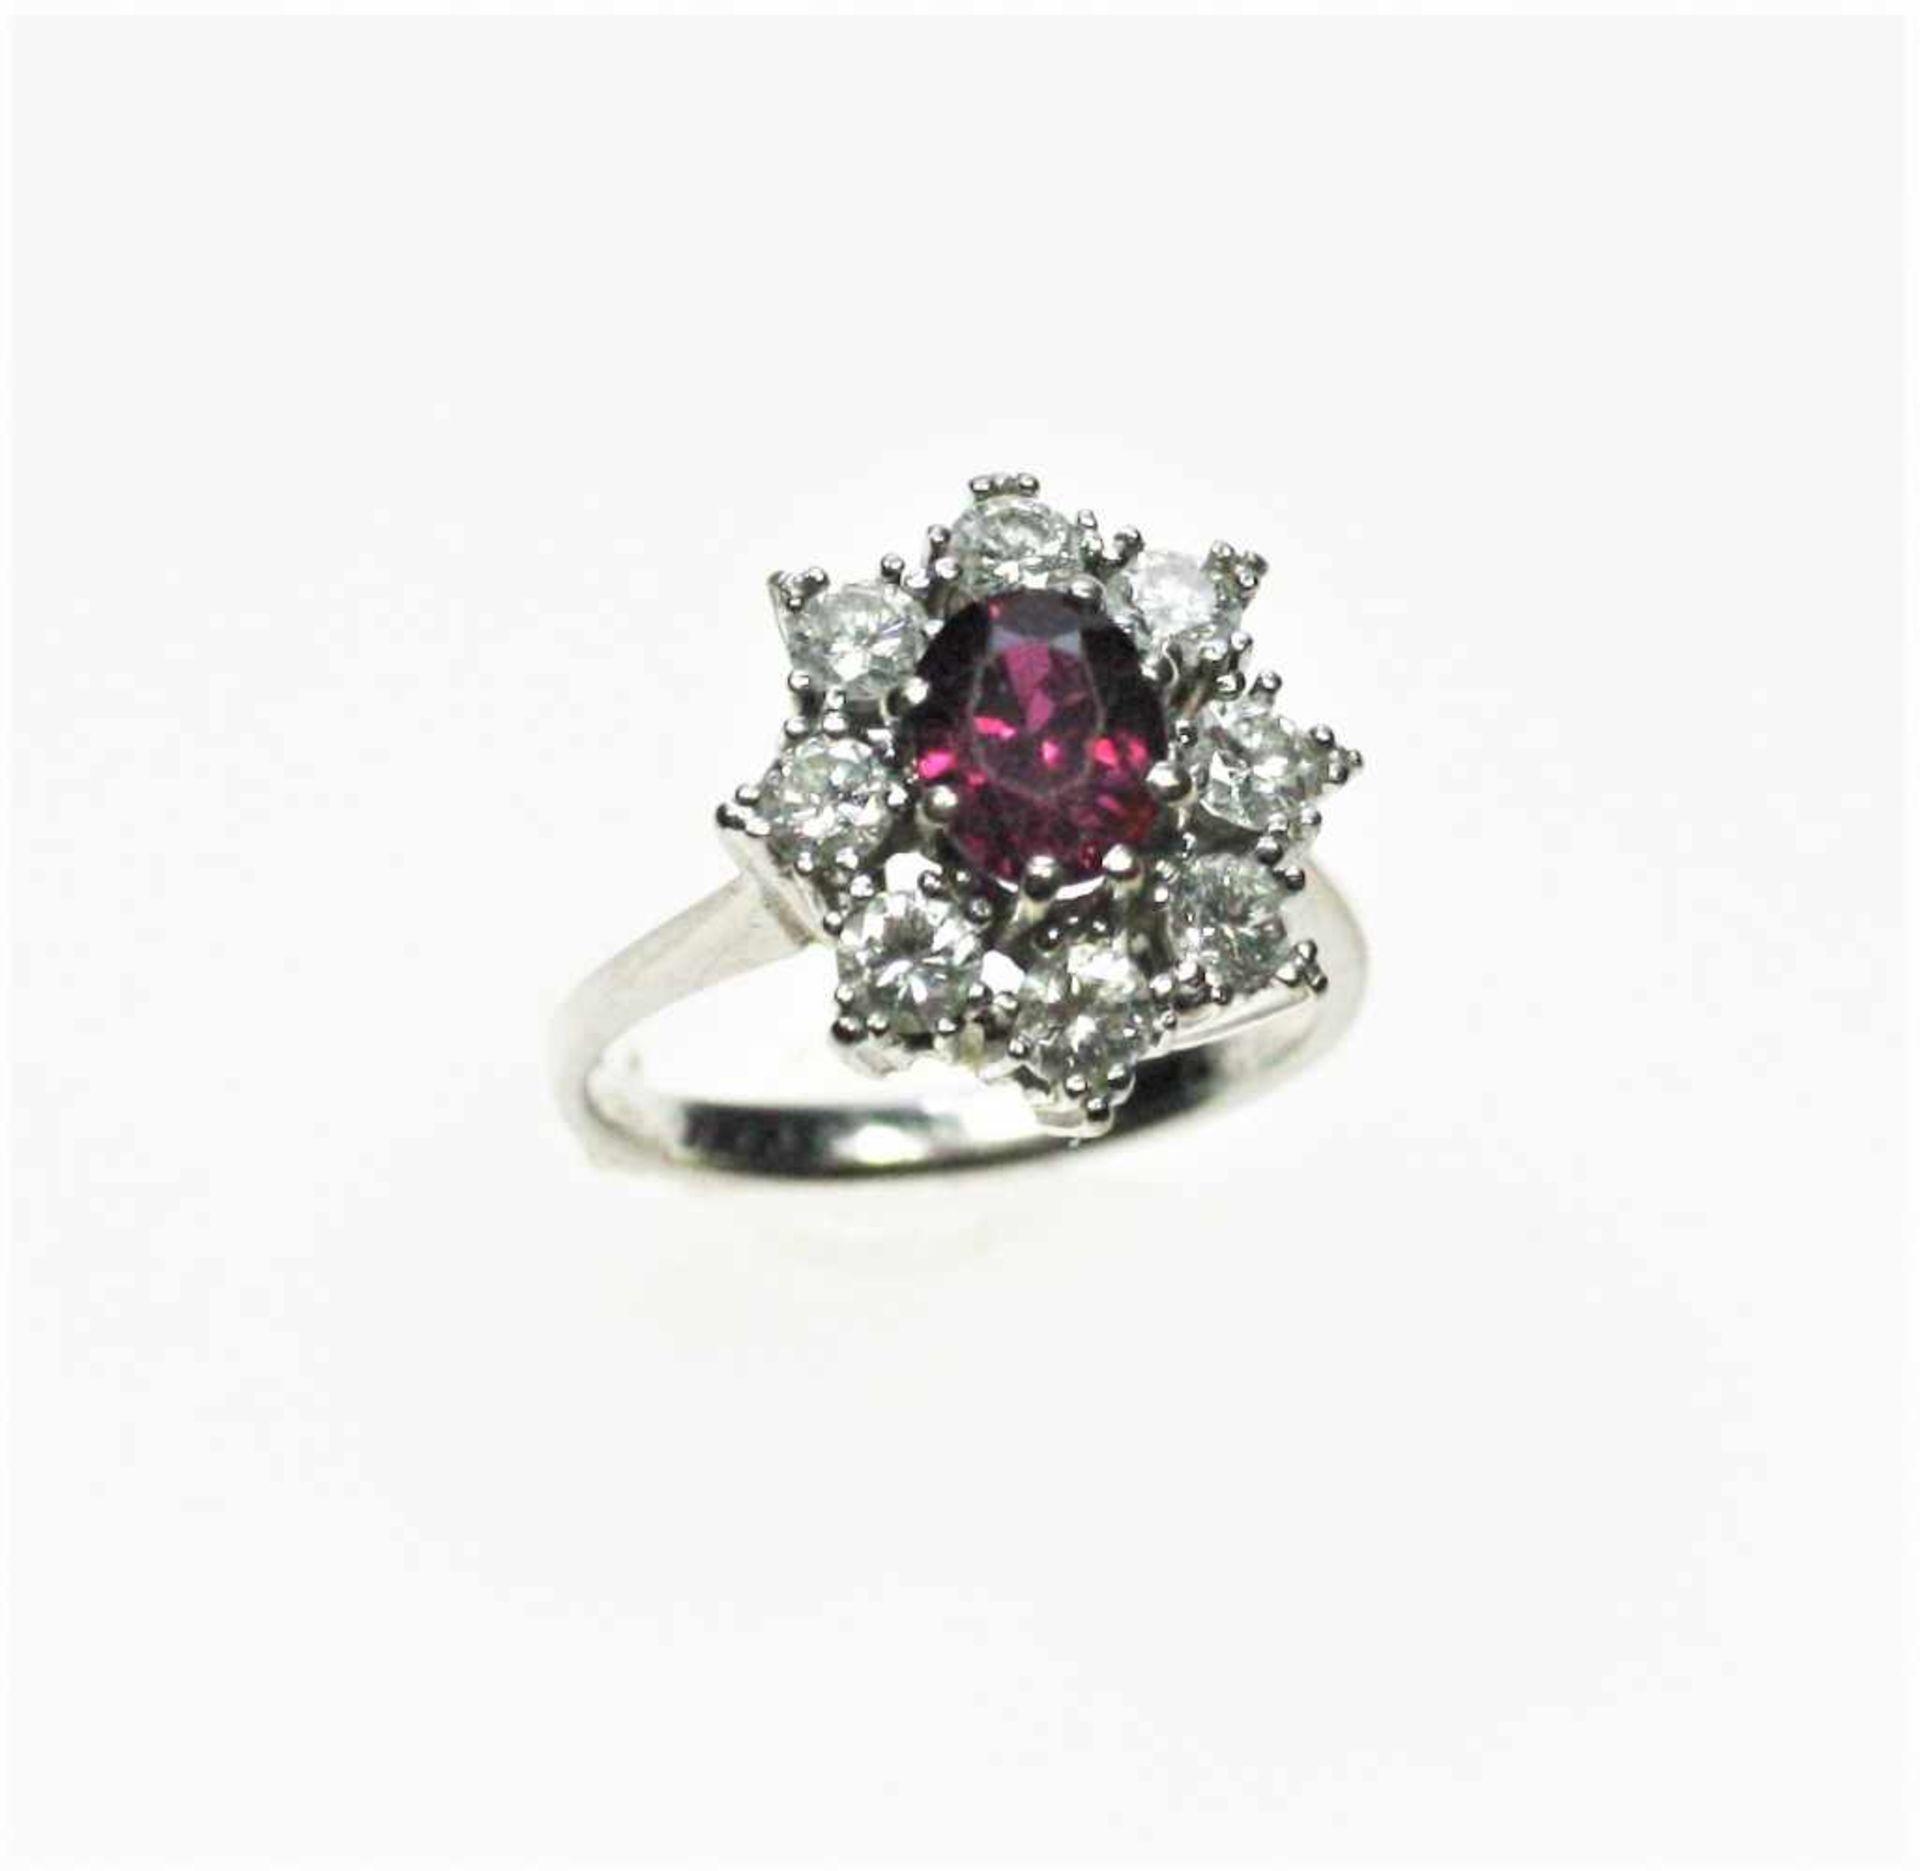 Weißgoldring 750/f gest. mit einem ovalen Rubin ca. 0,80 ct (abgetragen) umgeben von Diamanten in